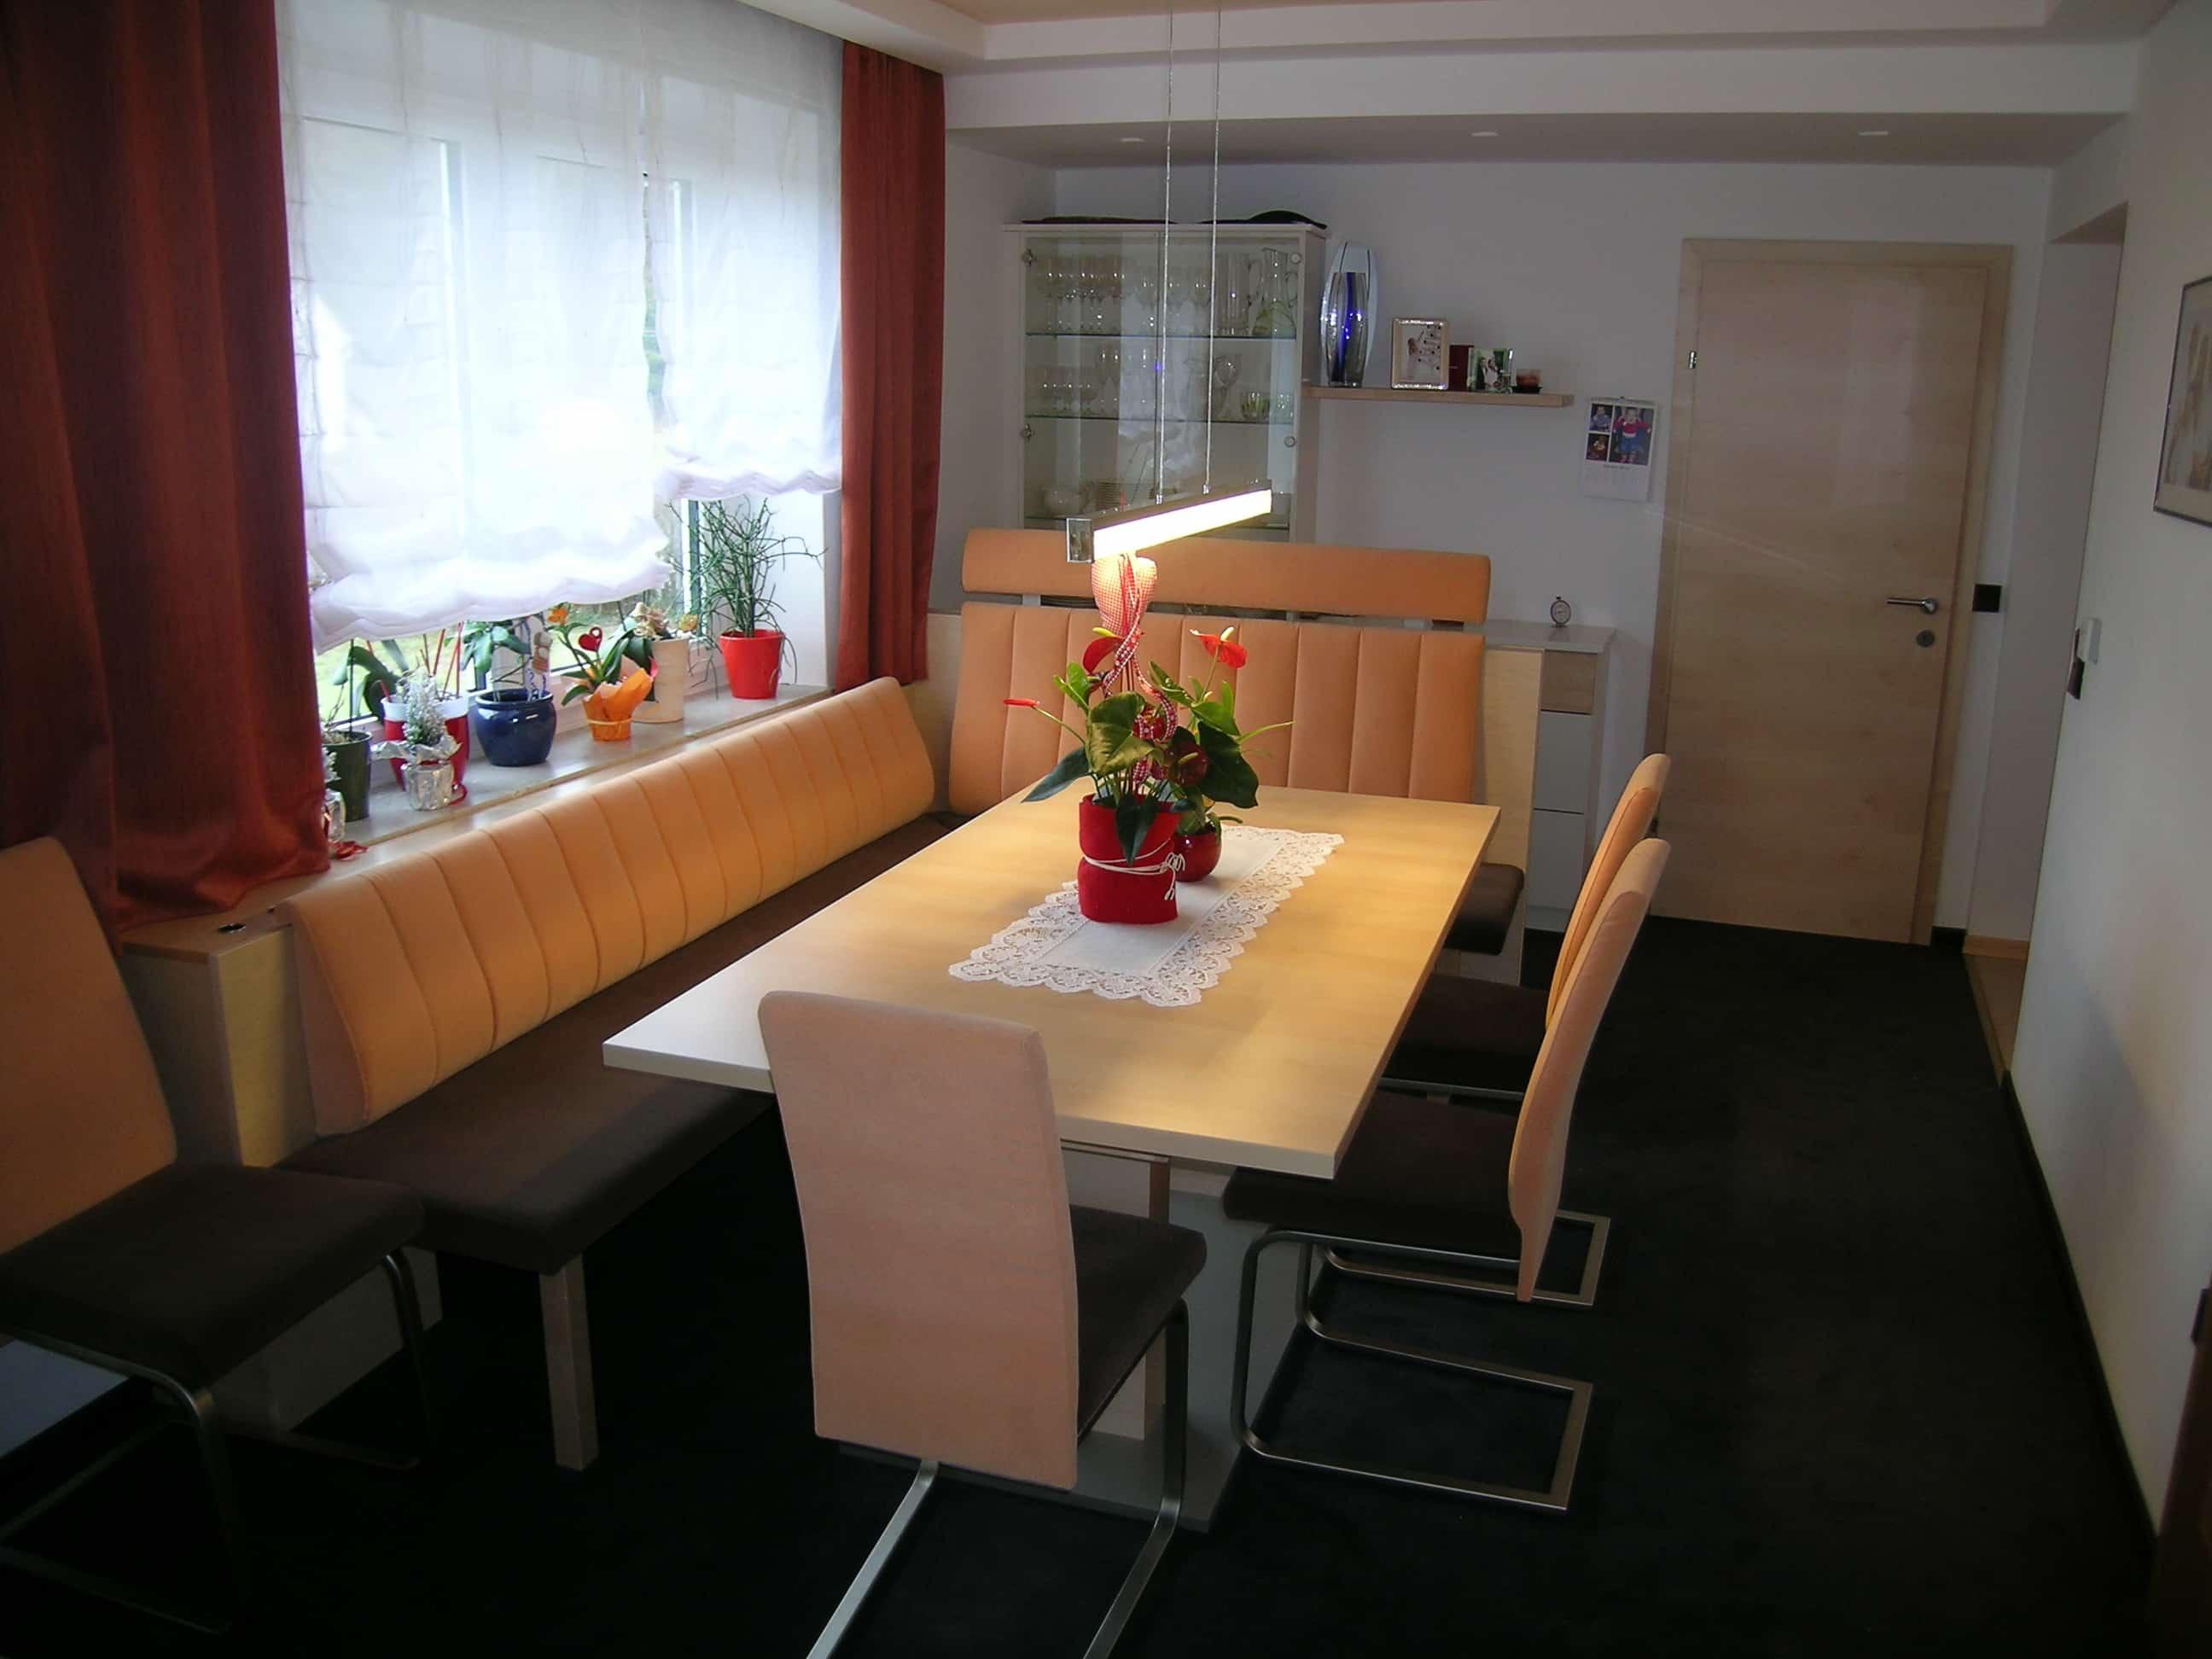 Moderne kuche ahorn for Kuchenschrank konfigurieren